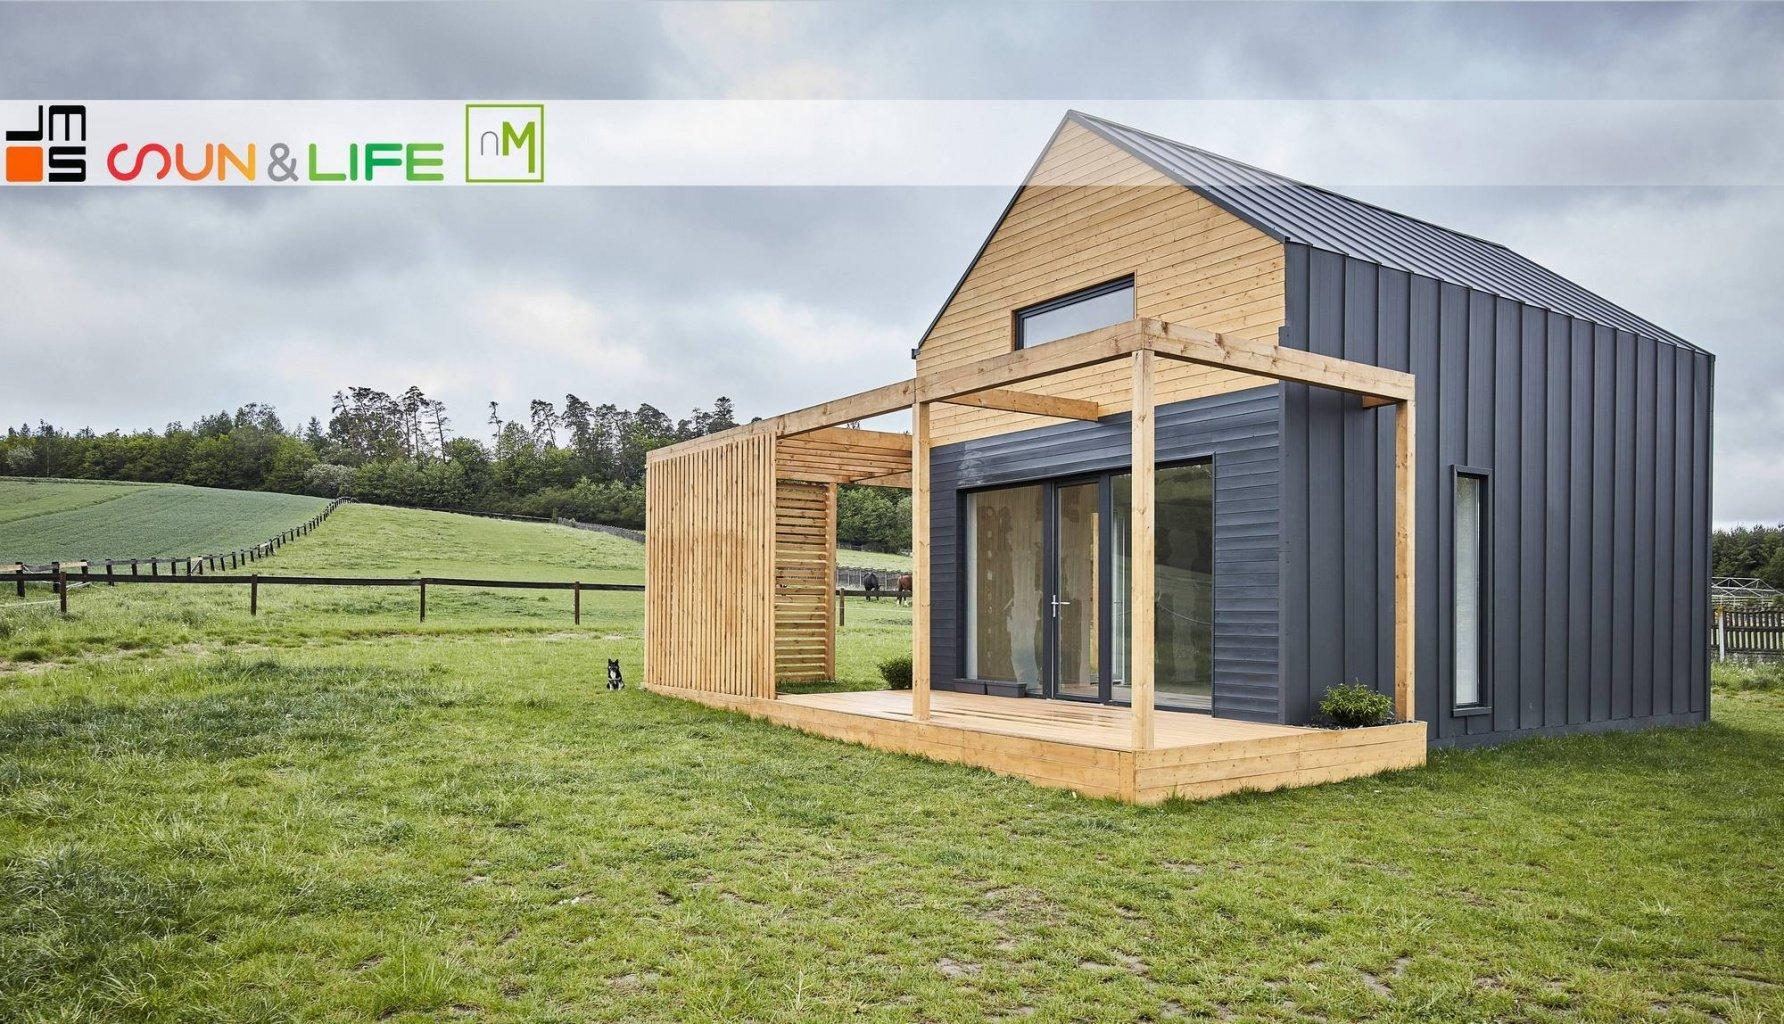 Projekt małego domu modułowego na Śląsku, czyli mały dom modułowy z tarasem i drewnem na elewacji  to idealny dom wypoczynkowy na wieś